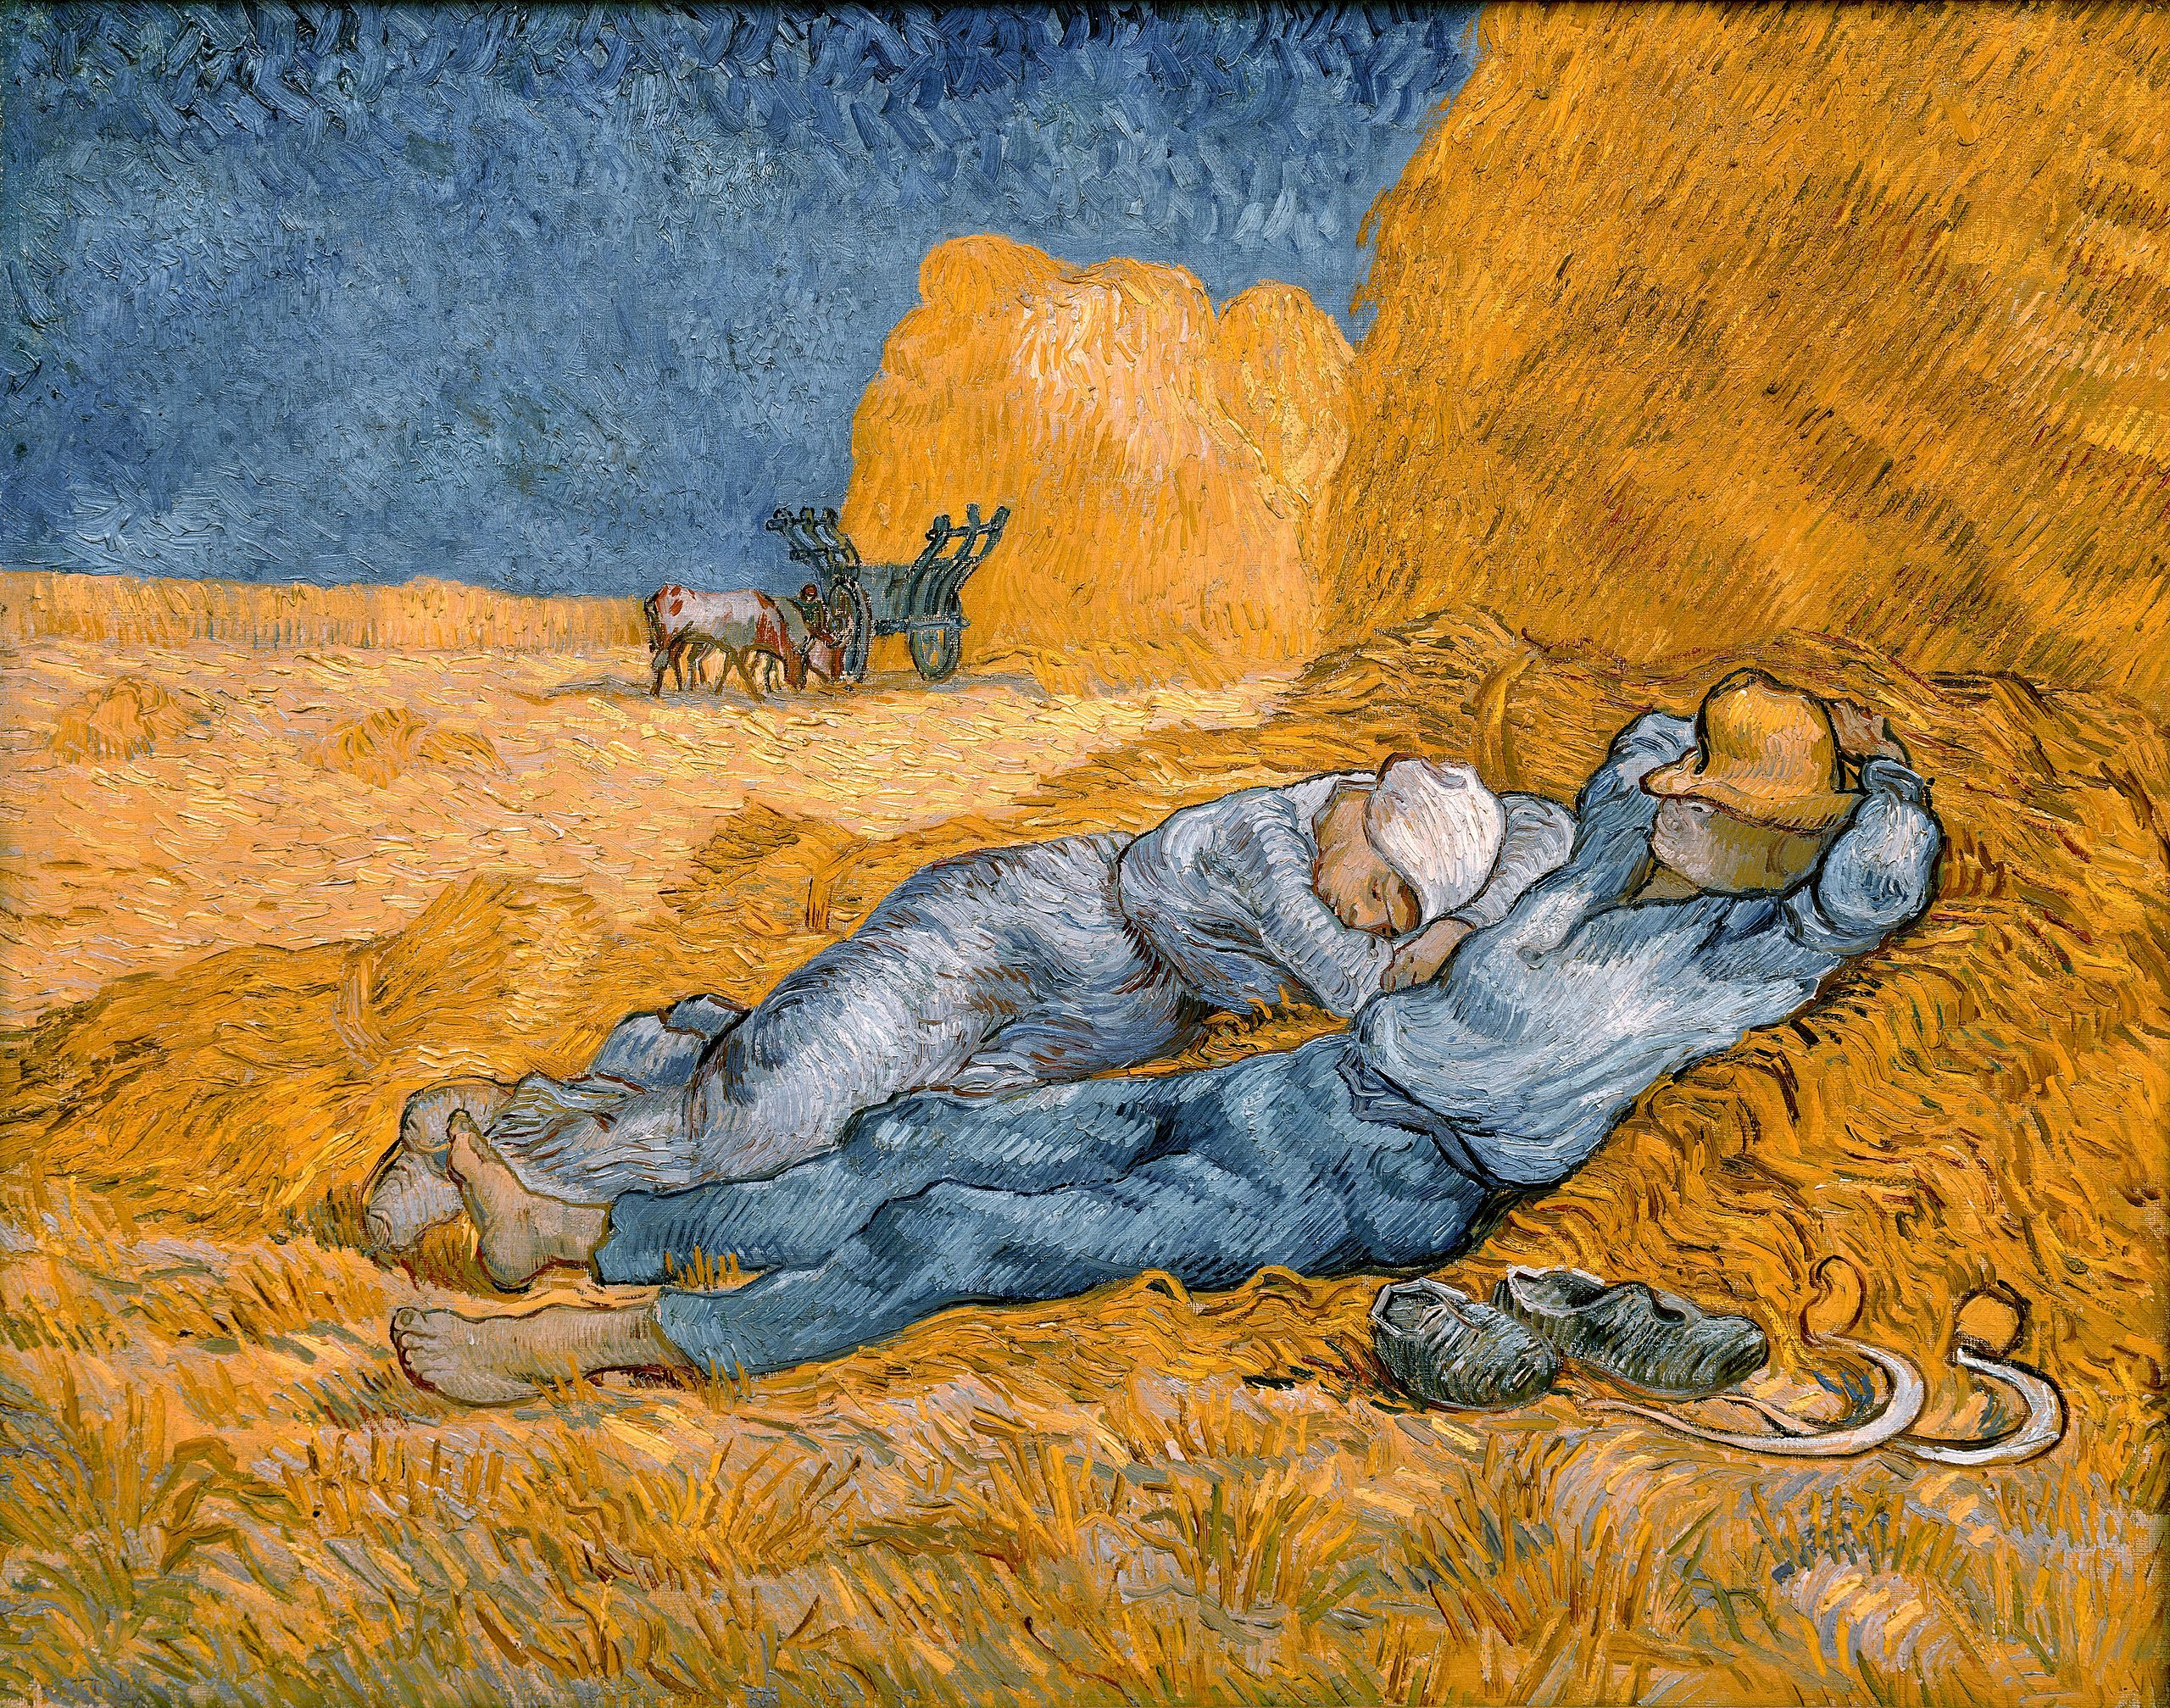 Noon, rest from work - Van Gogh - Copies